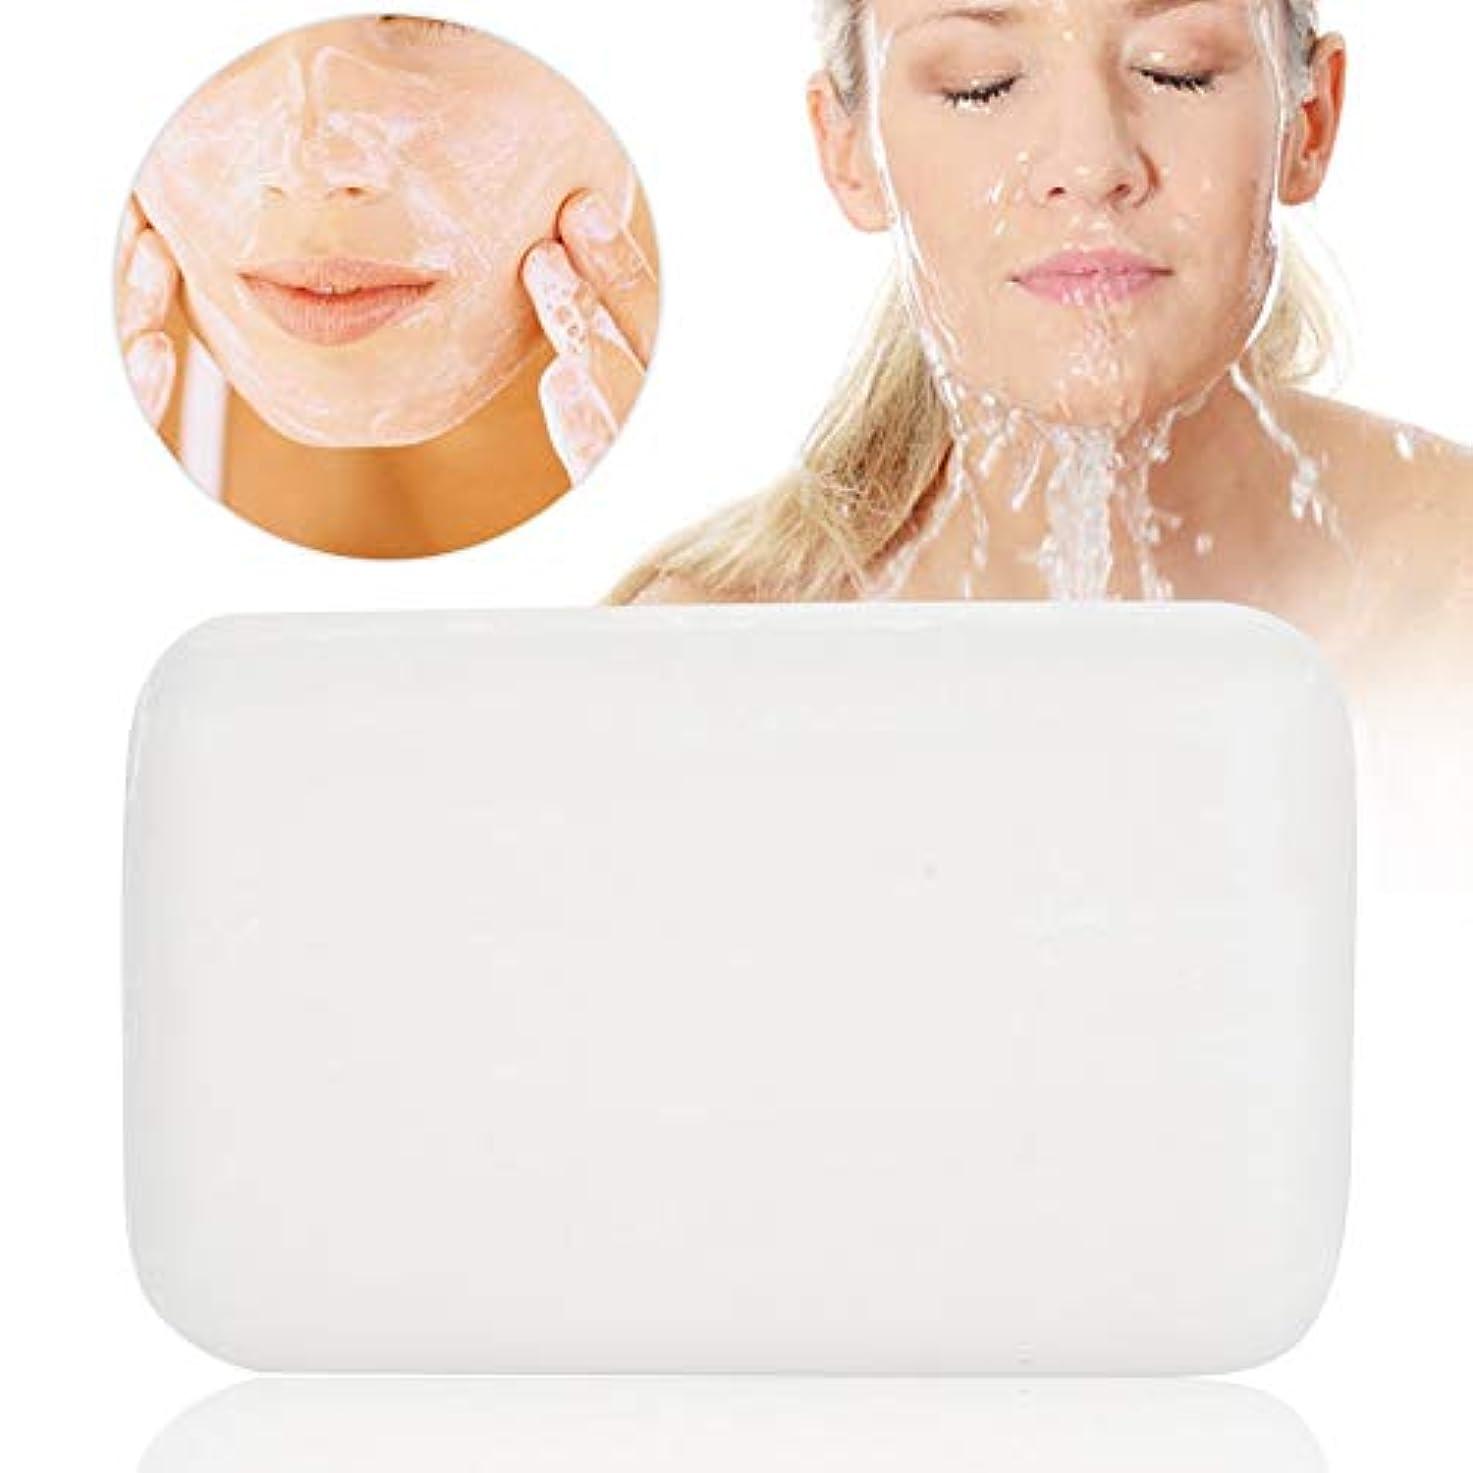 トロリーバス曲一般洗顔石鹸 石鹸 シミ取り! 洗顔石けん 無添加 低刺激性 化粧石鹸(洗顔?全身用) せっけん バスサイズ